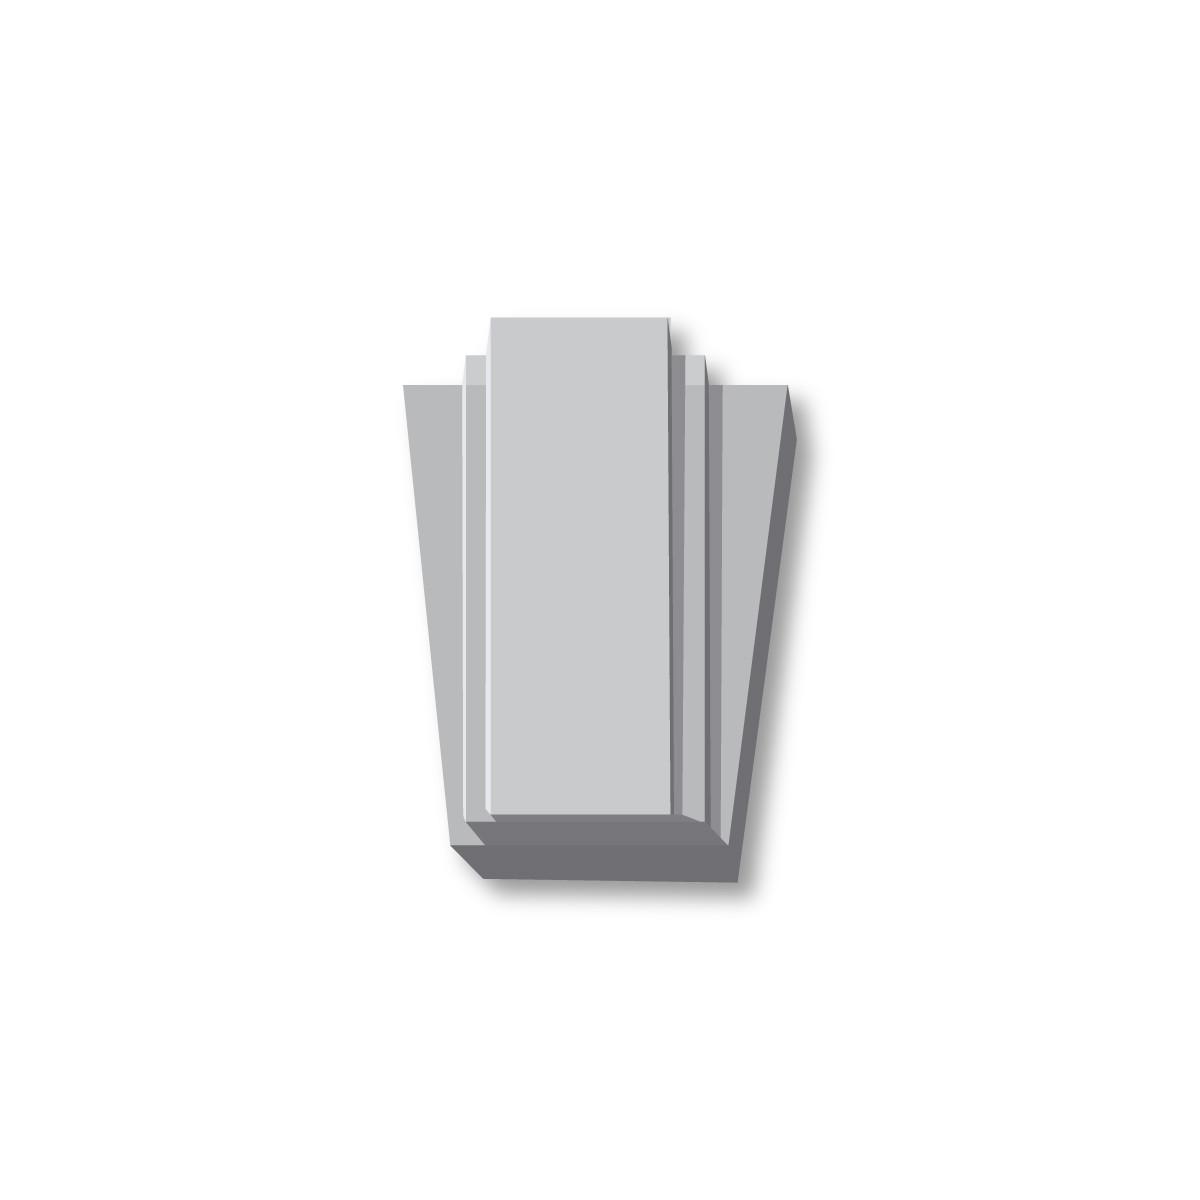 Середник з гіпсу з-102 һ420х265мм